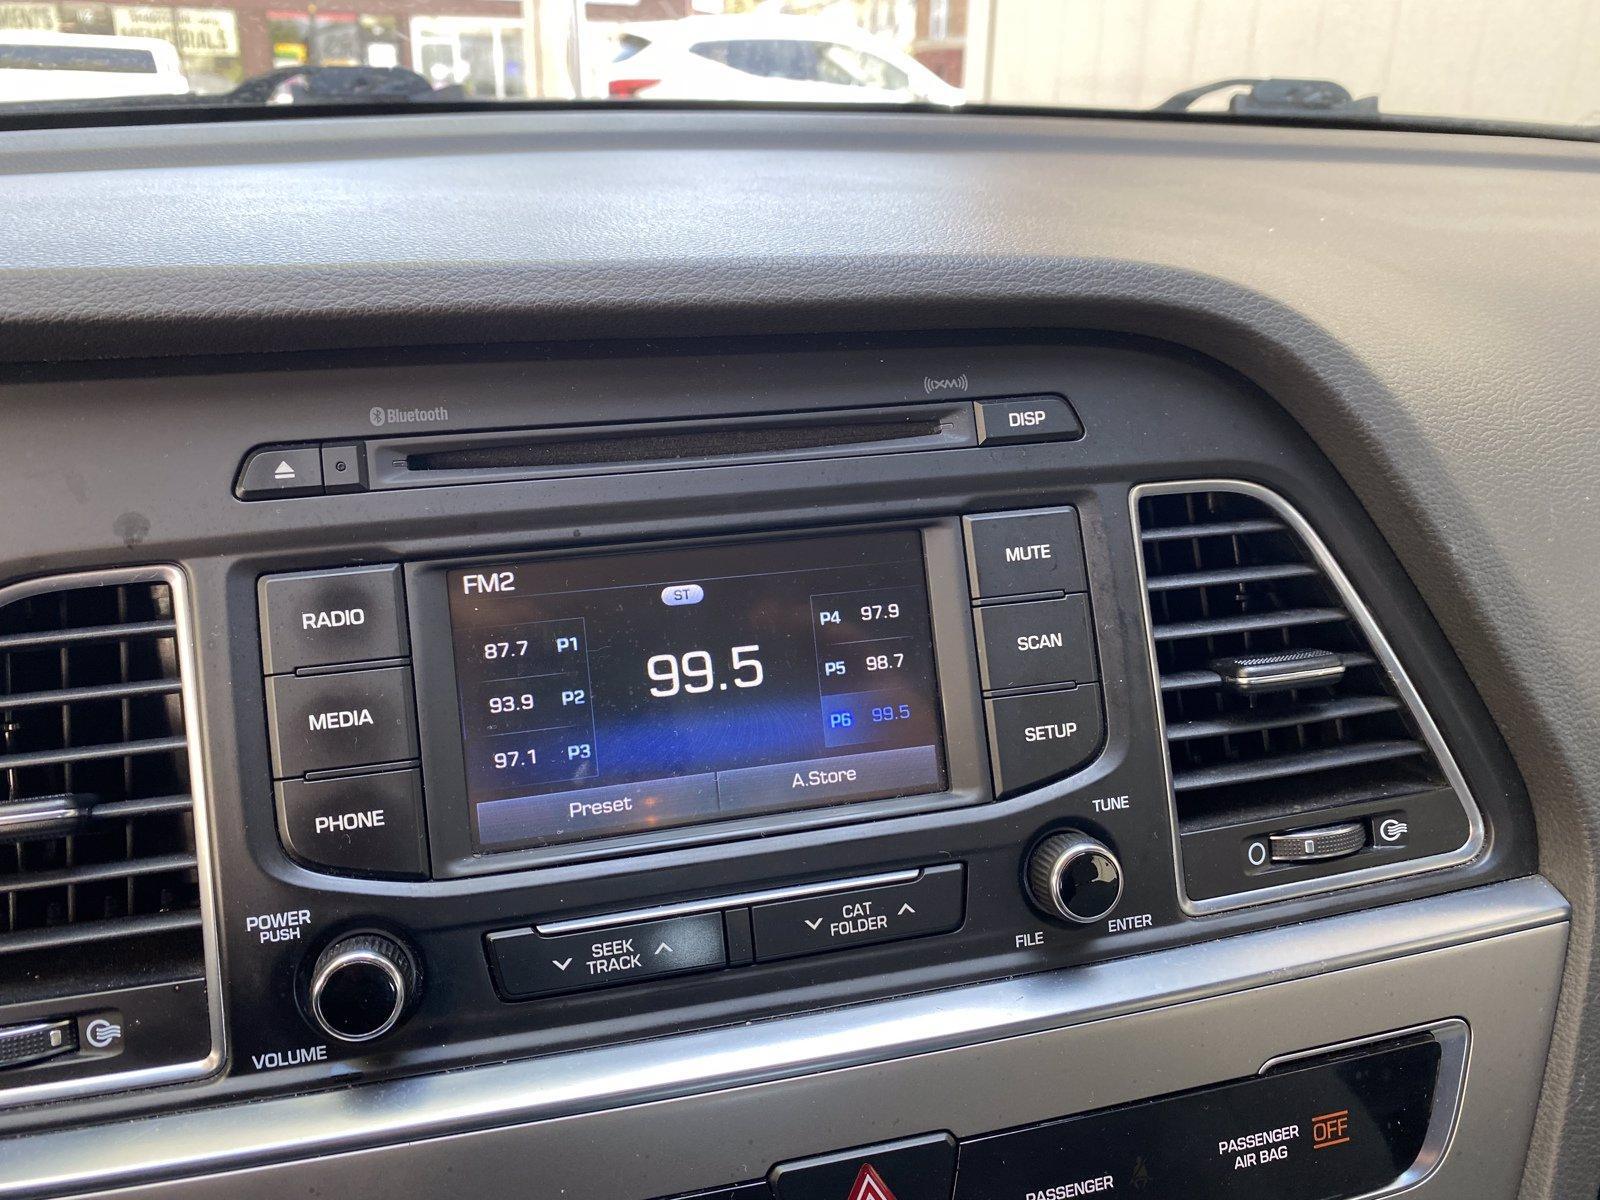 Used-2015-Hyundai-Sonata-24L-SE